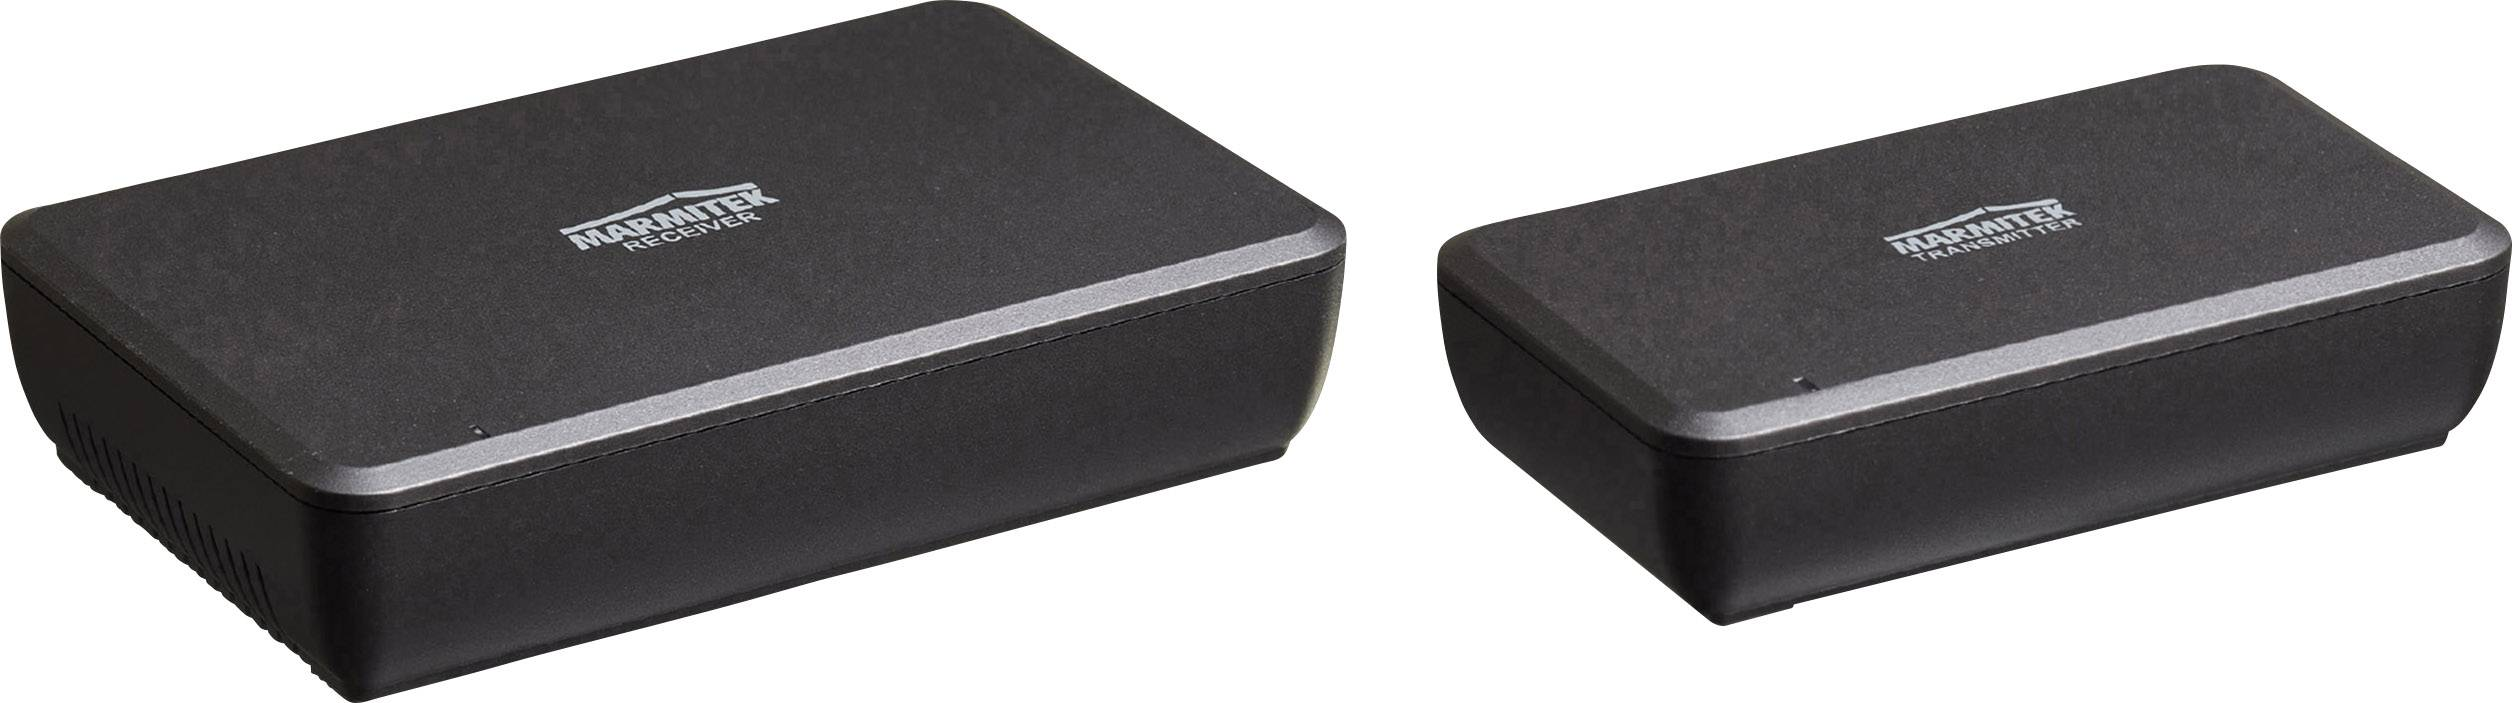 Marmitek Surround Anywhere 221 naprava za brezžični prenos z vpenjalnimi priključki (komplet) 30 m 20 kHz